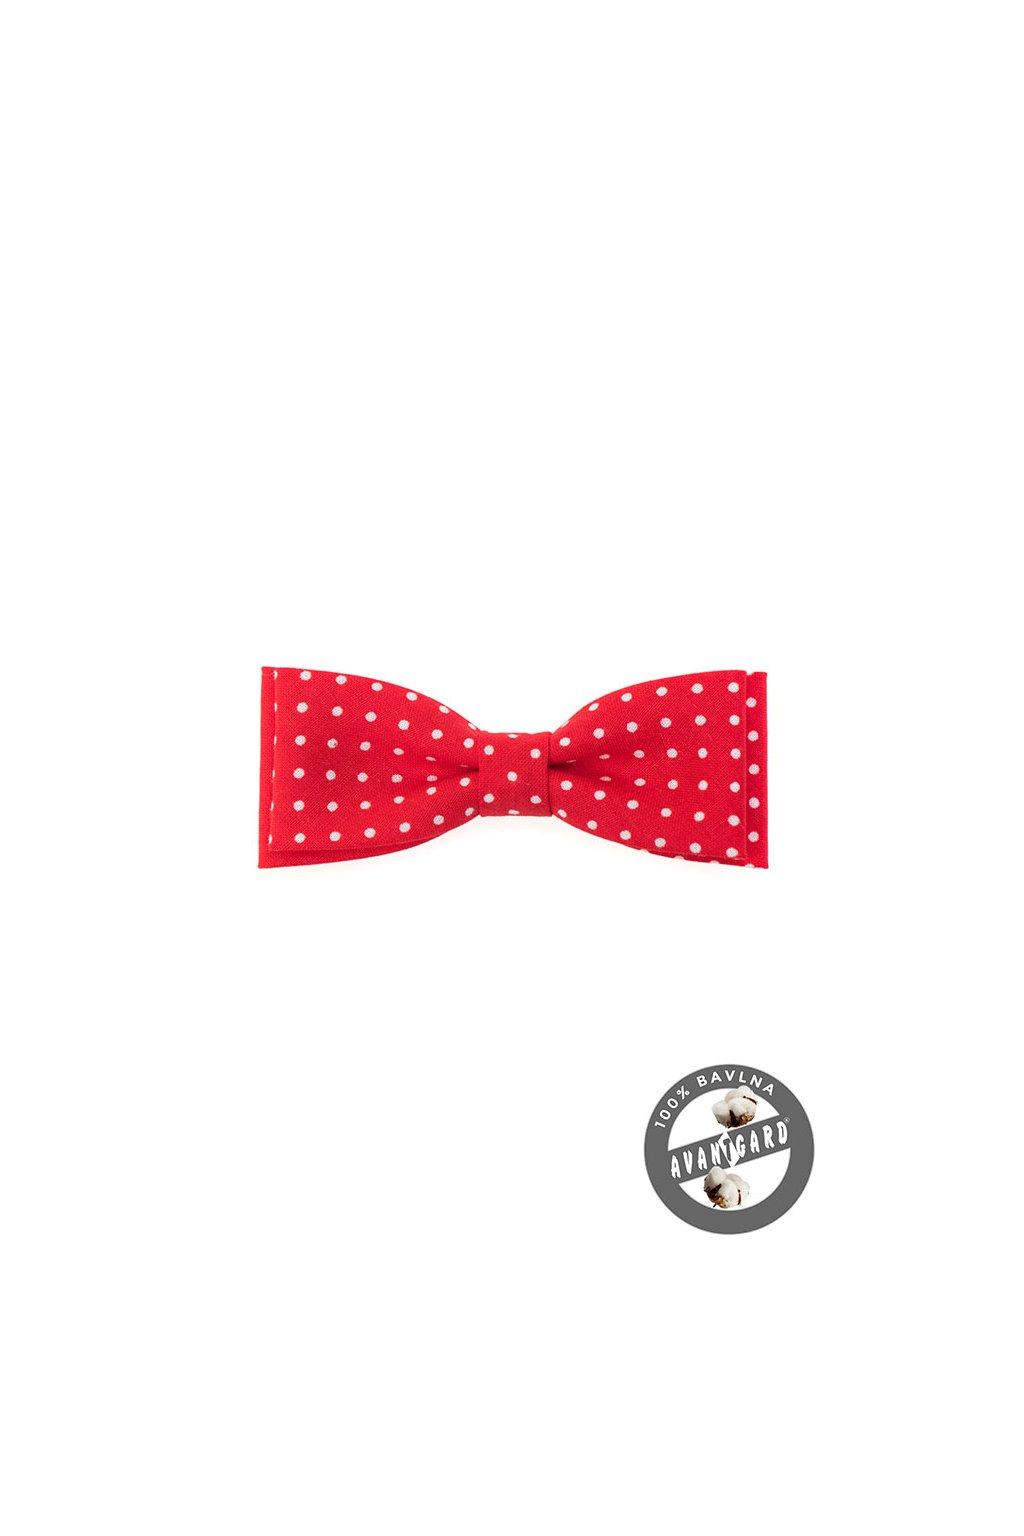 Pánský motýlek červený s bílým puntíkem 576 - 5168